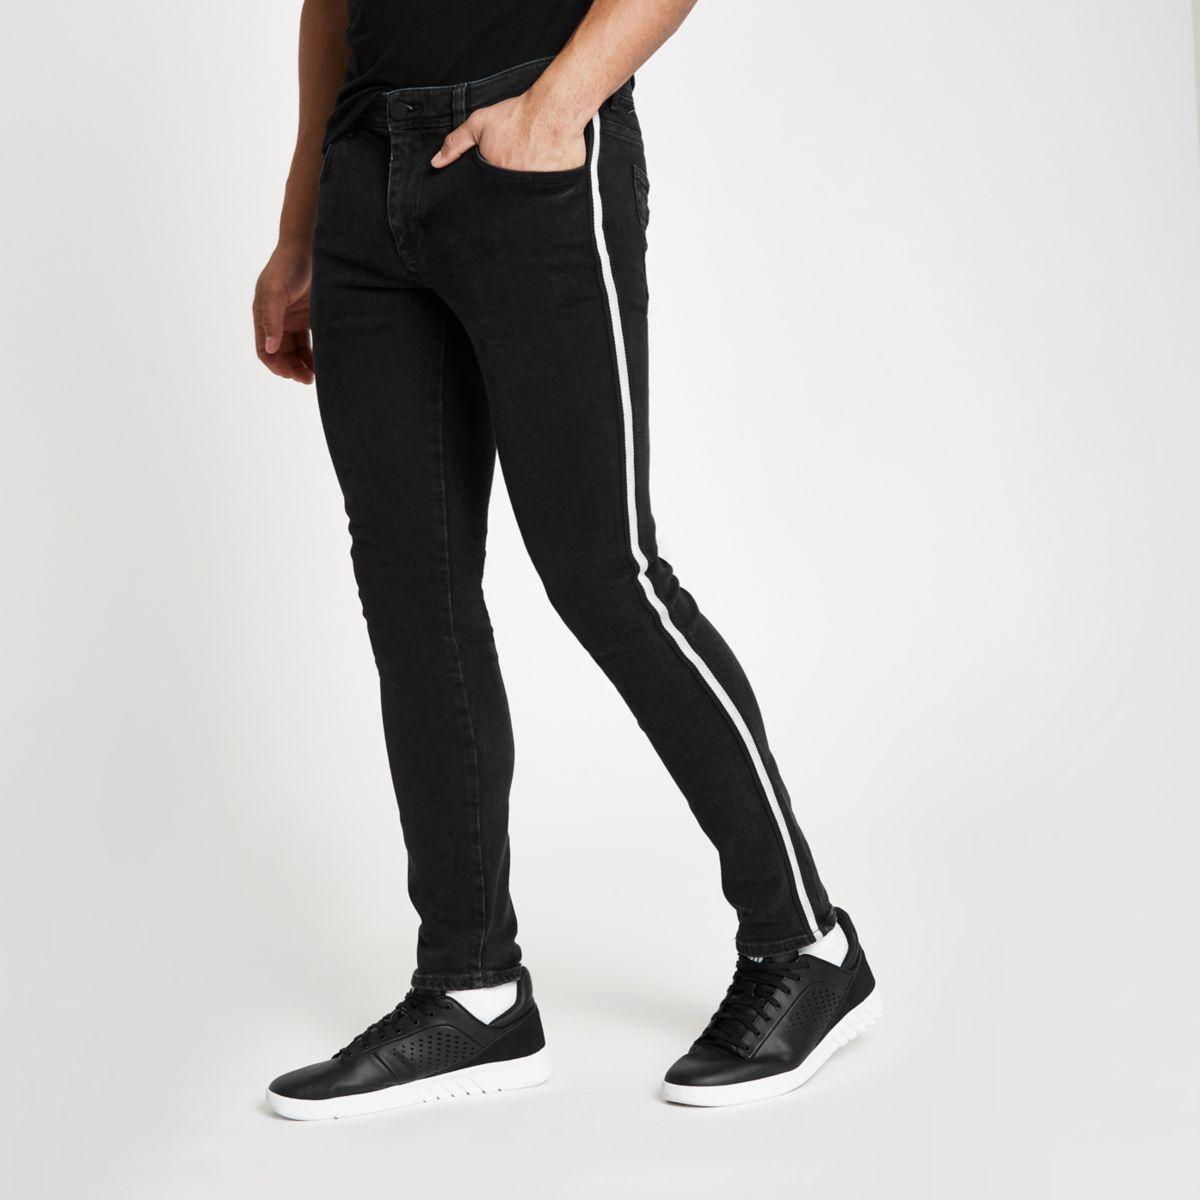 Black wash skinny fit tape side jeans